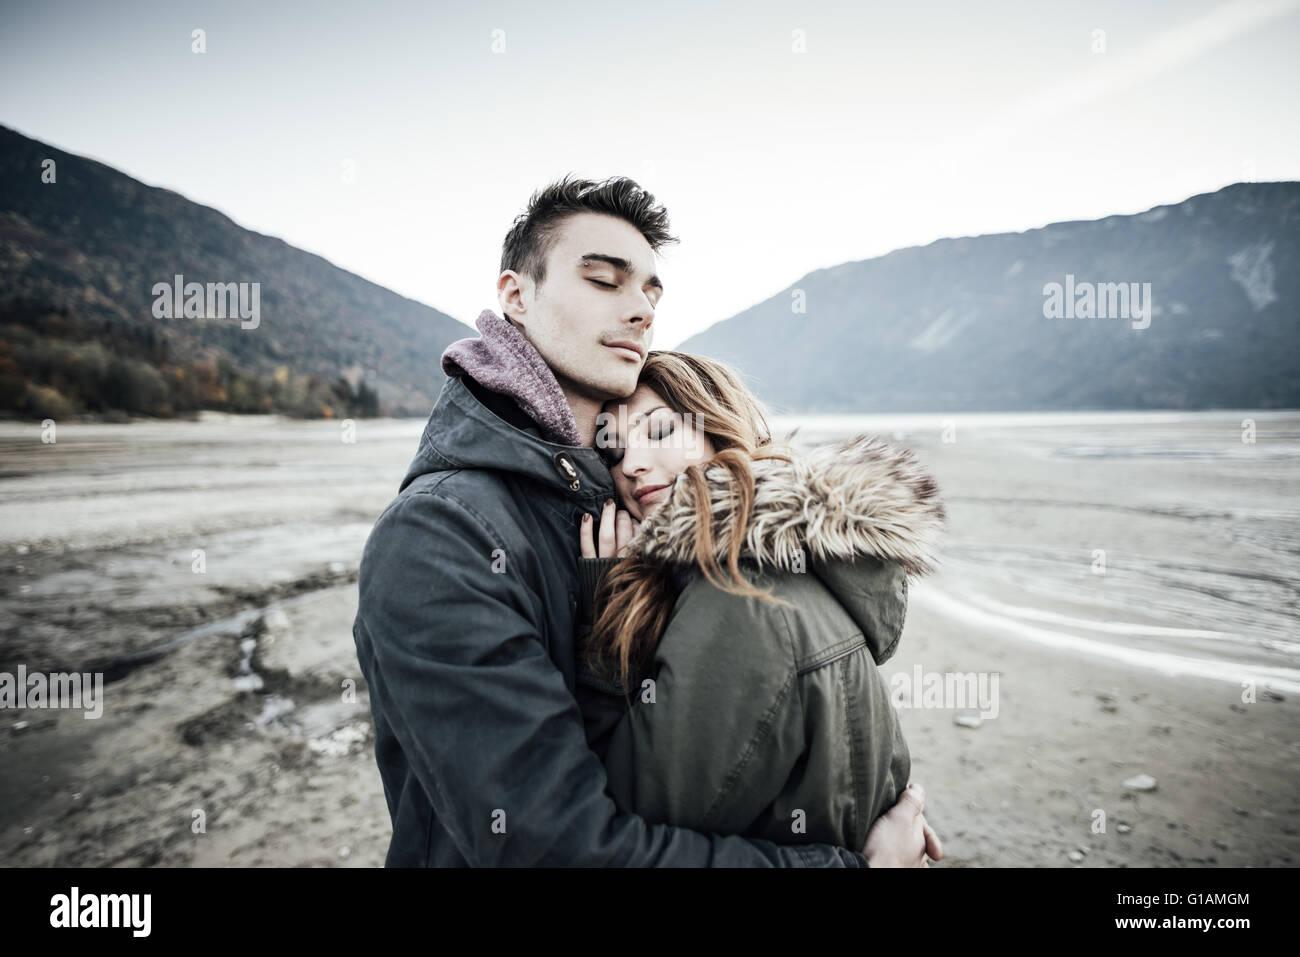 Junge liebende Paar umarmt, See und die Berge im Hintergrund, Liebe und Romantik-Konzept Stockbild